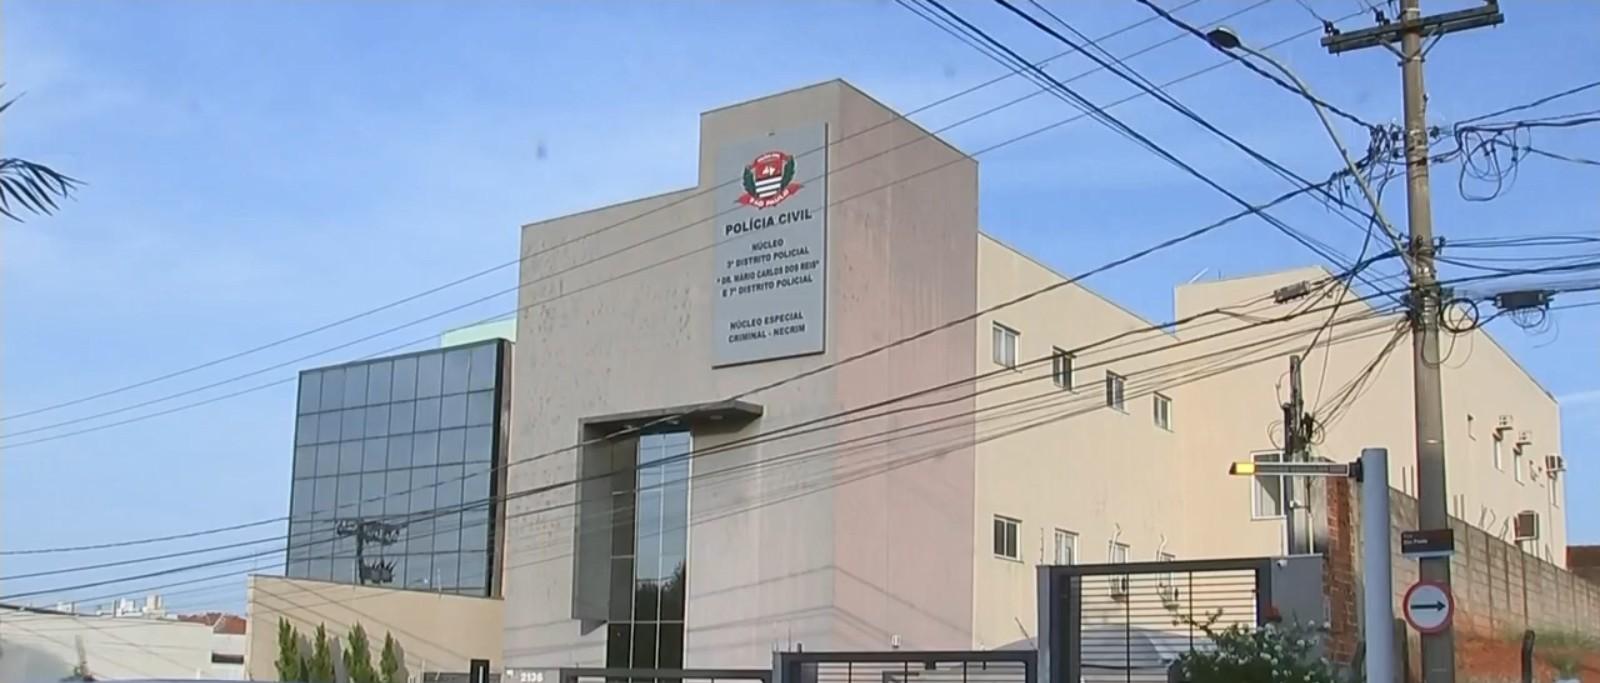 Criança de 2 anos morre após televisão cair e acertar a sua cabeça em Rio Preto